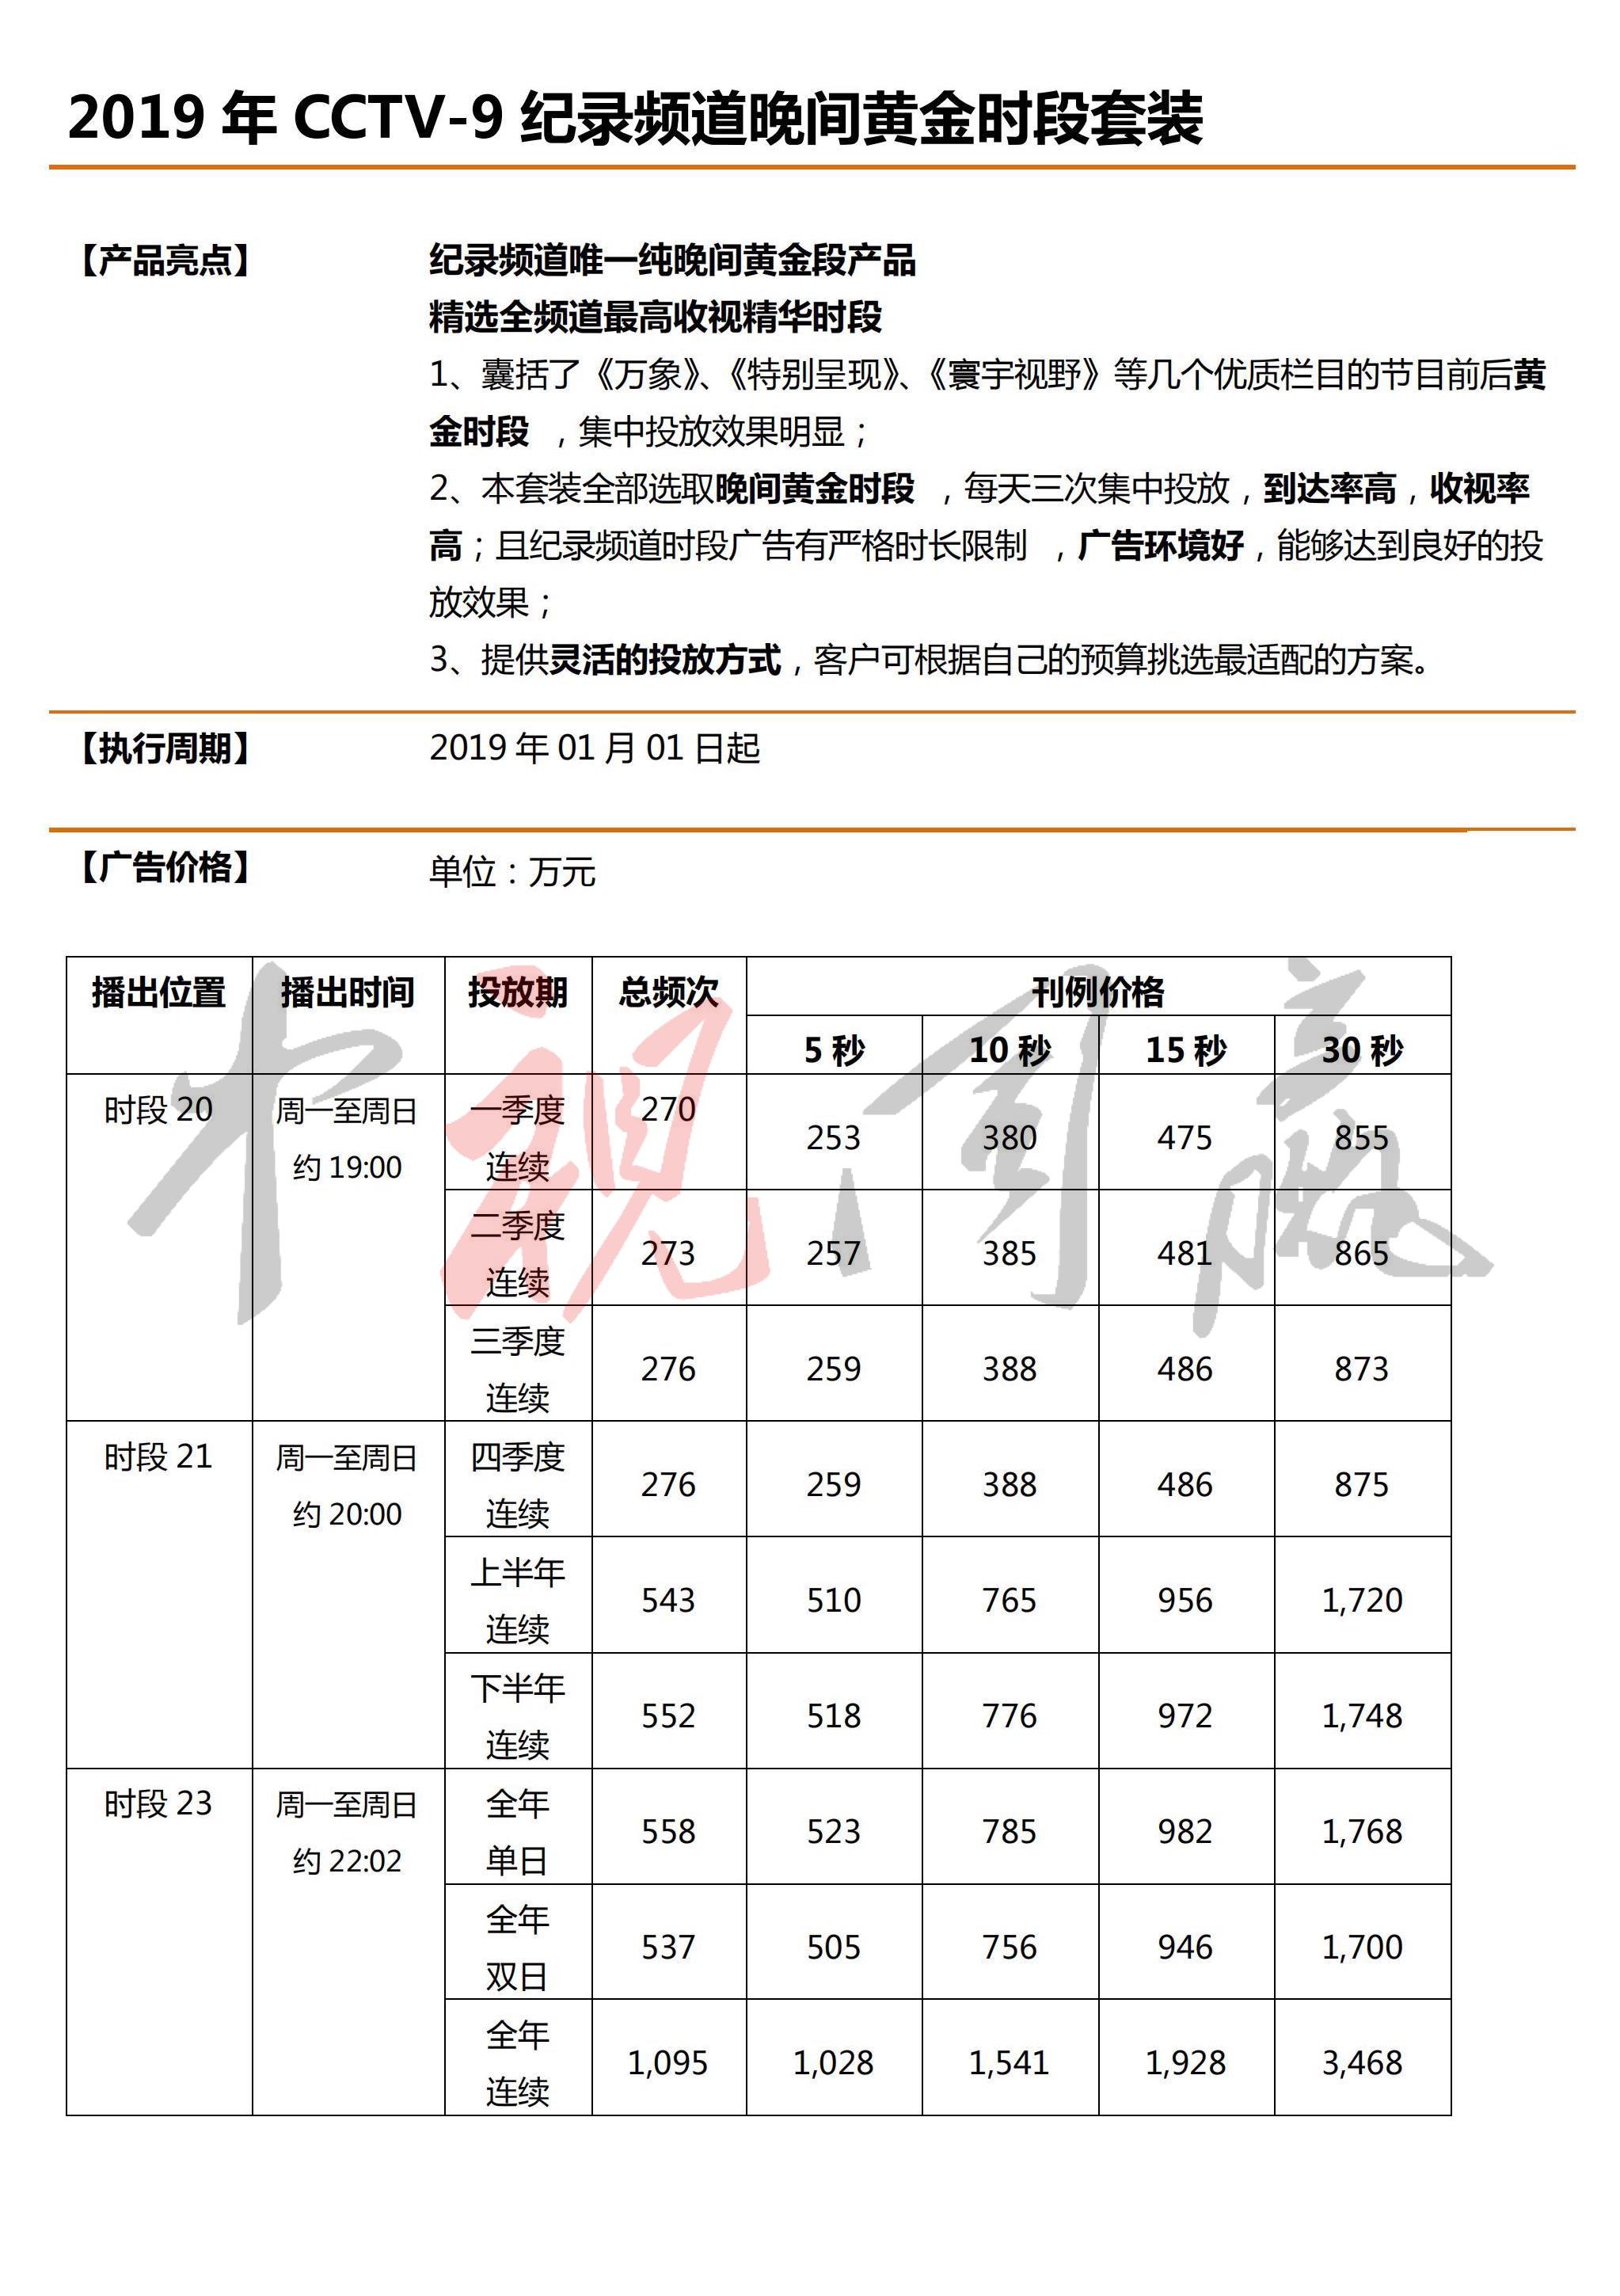 2019年CCTV-9纪录频道晚间黄金时段套装@中视同赢